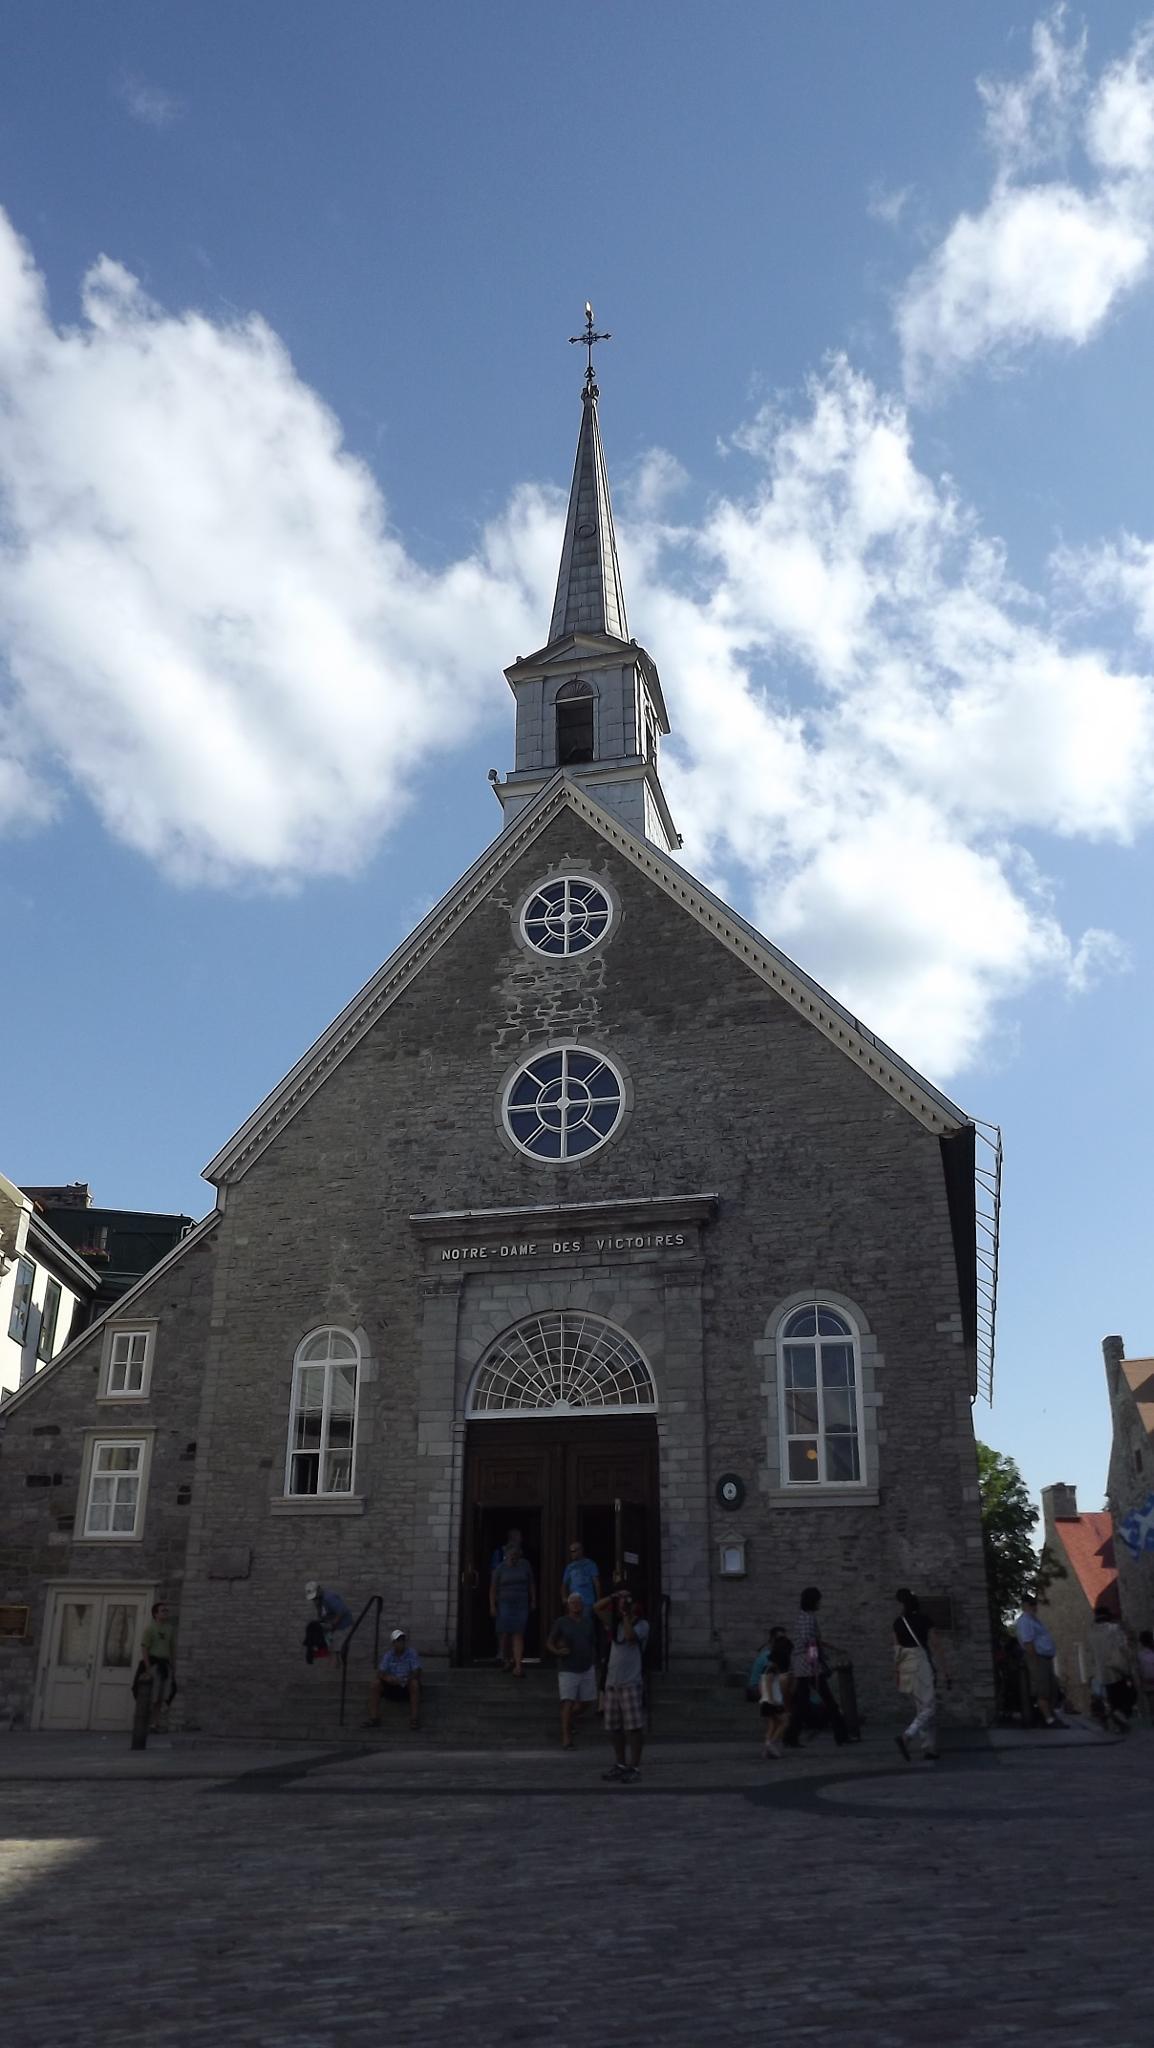 Église Node-Dame-des victoires by real.michaud.5036